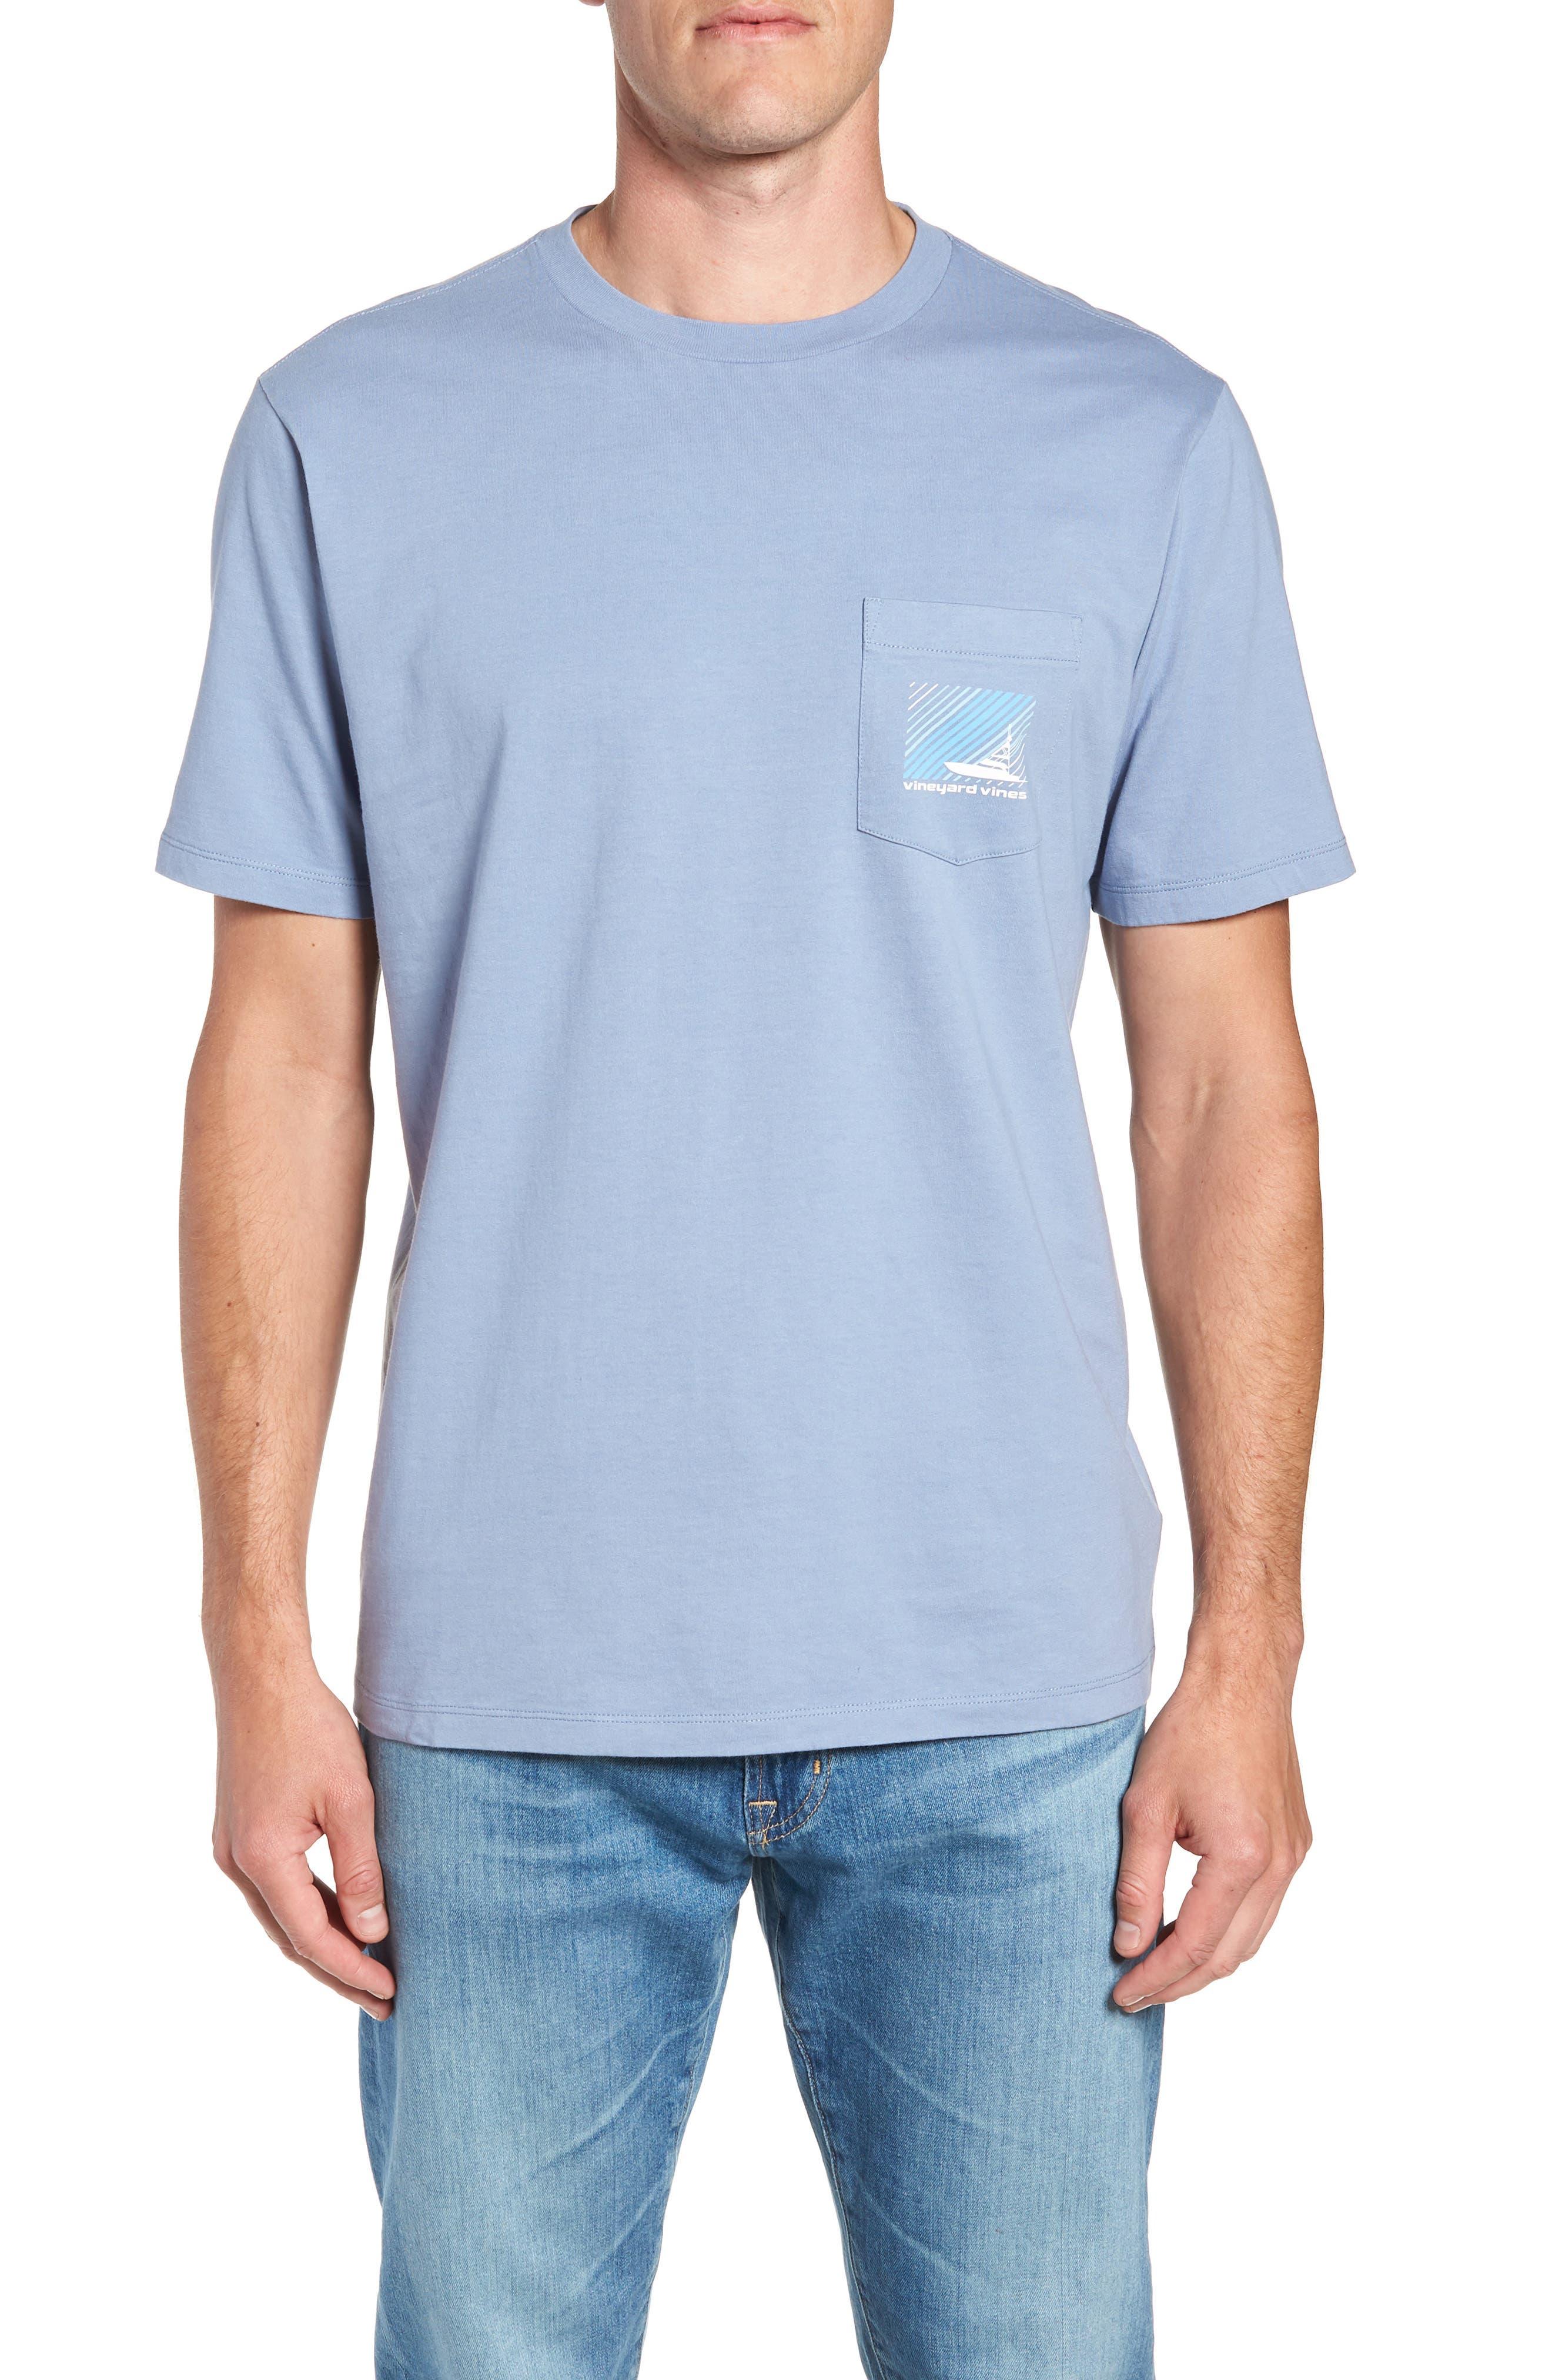 Sportfisher Regular Fit Pocket Tee,                         Main,                         color, 020